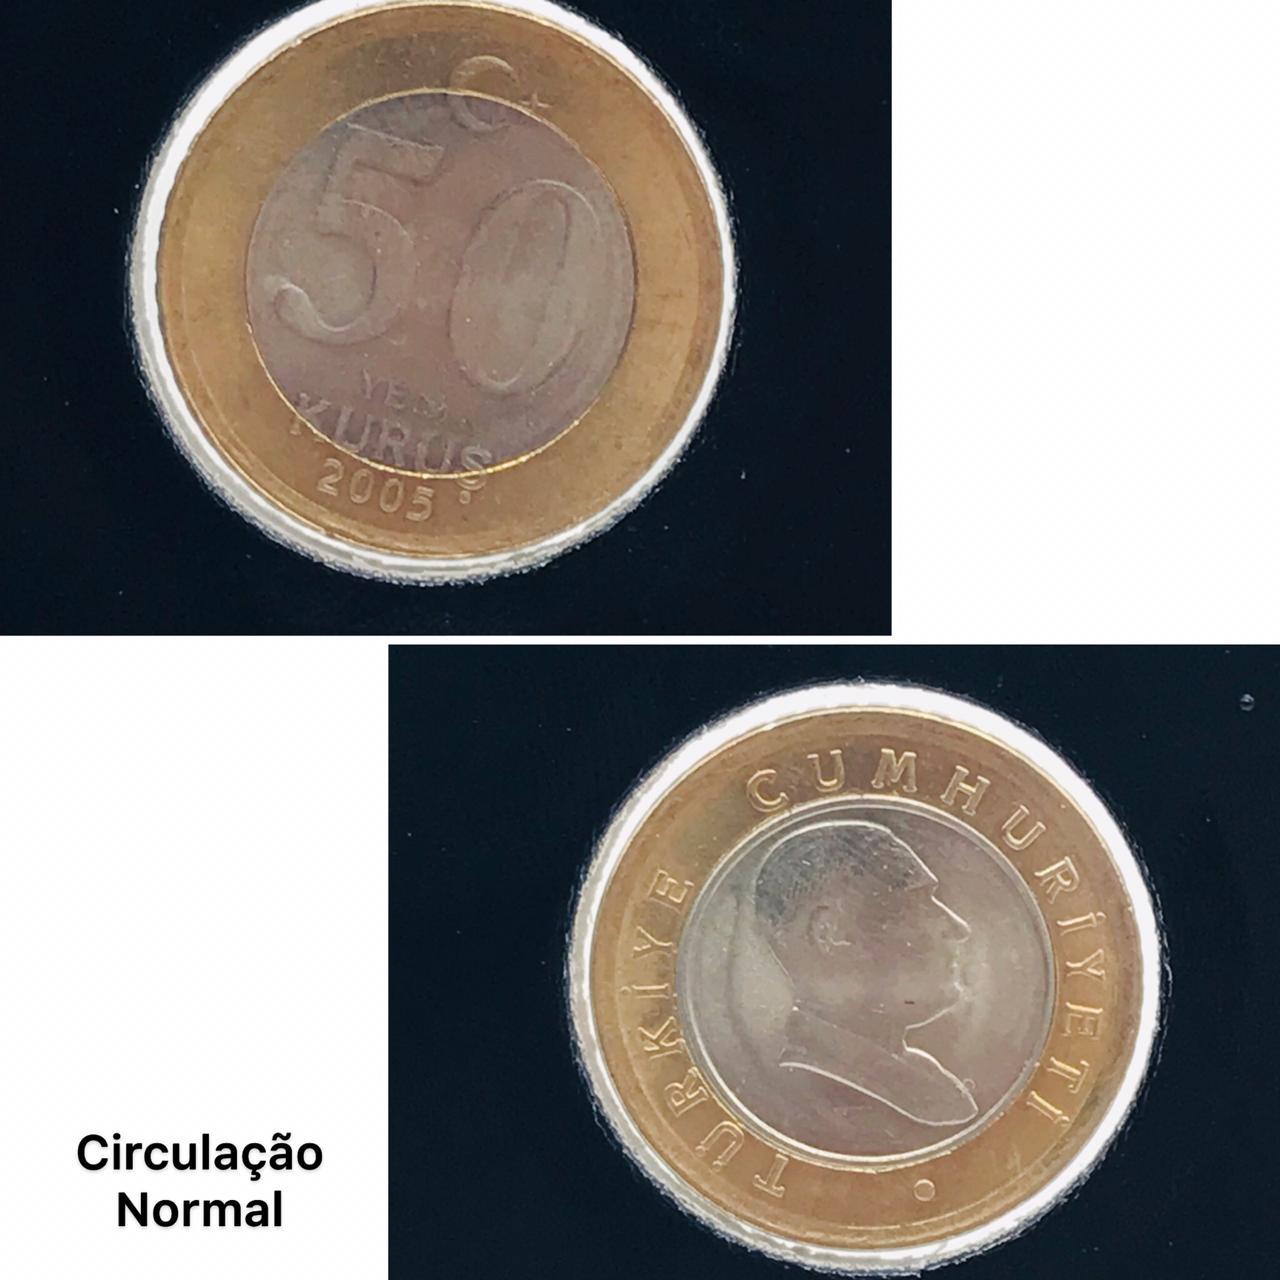 Turquia Bimetalica 50 Kurus 2005